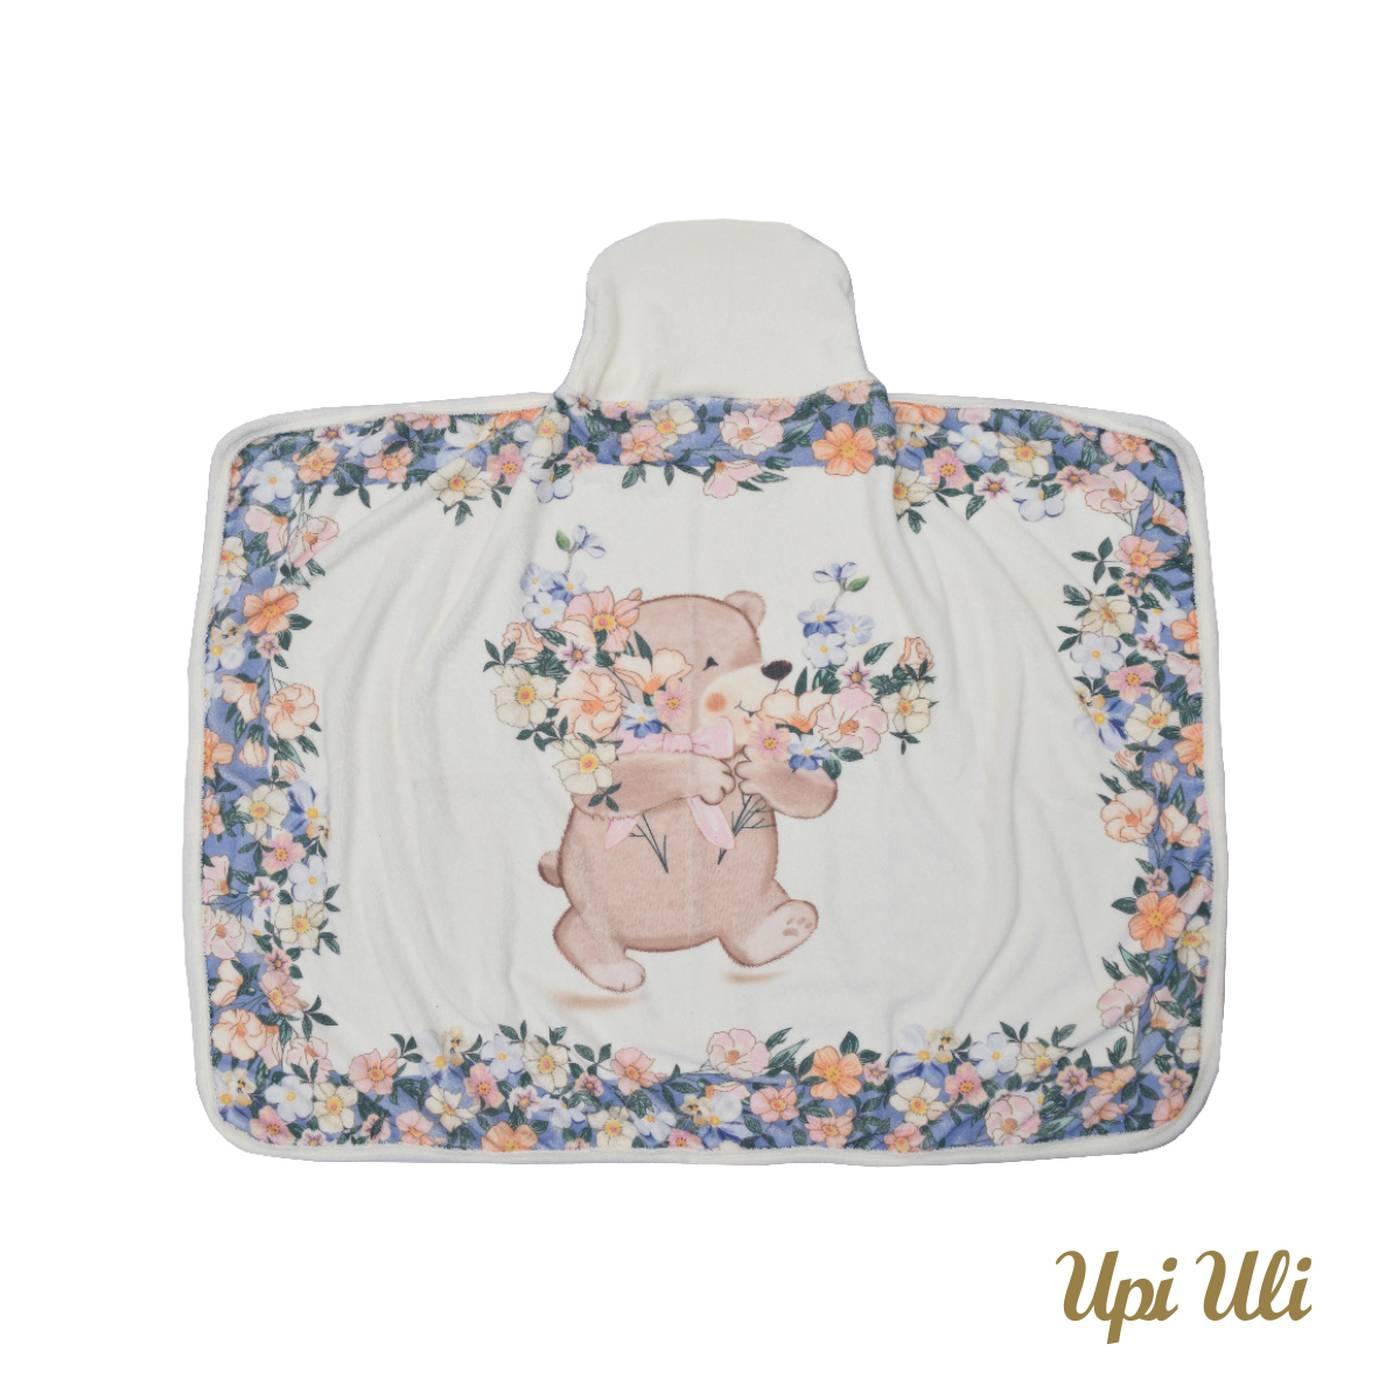 Toalha de banho de bebê  C/ Capuz Carine P/V